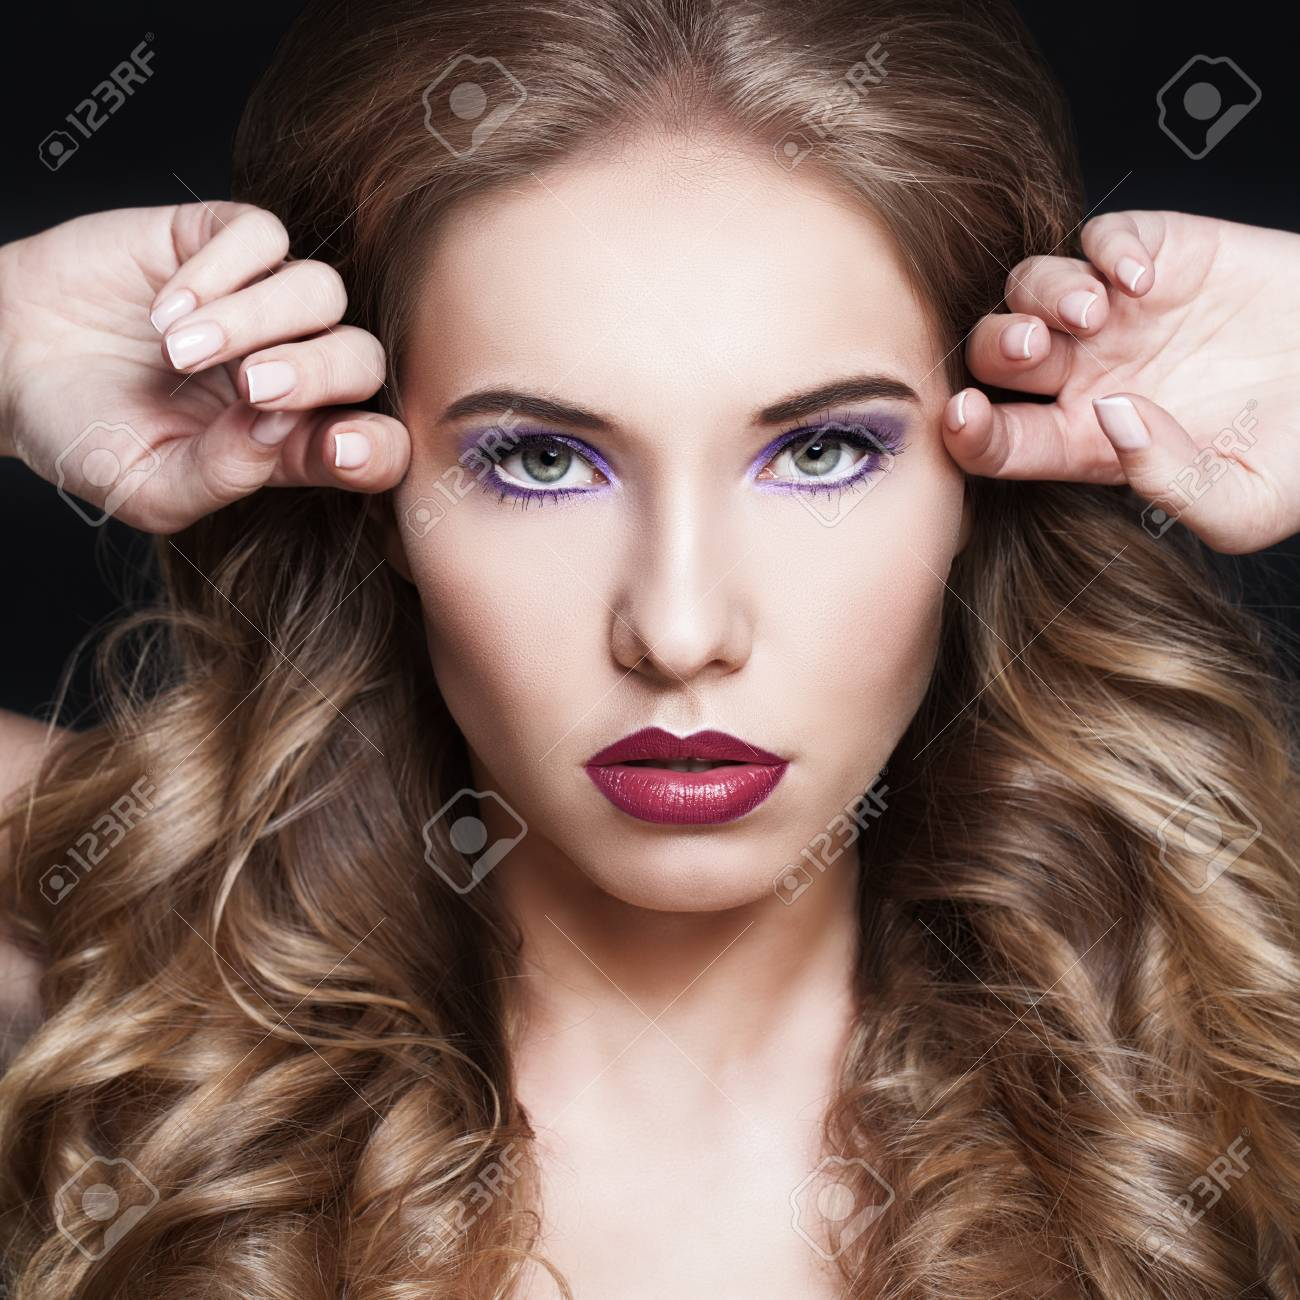 Femme A La Mode Coiffure Et Maquillage Banque D Images Et Photos Libres De Droits Image 65438920